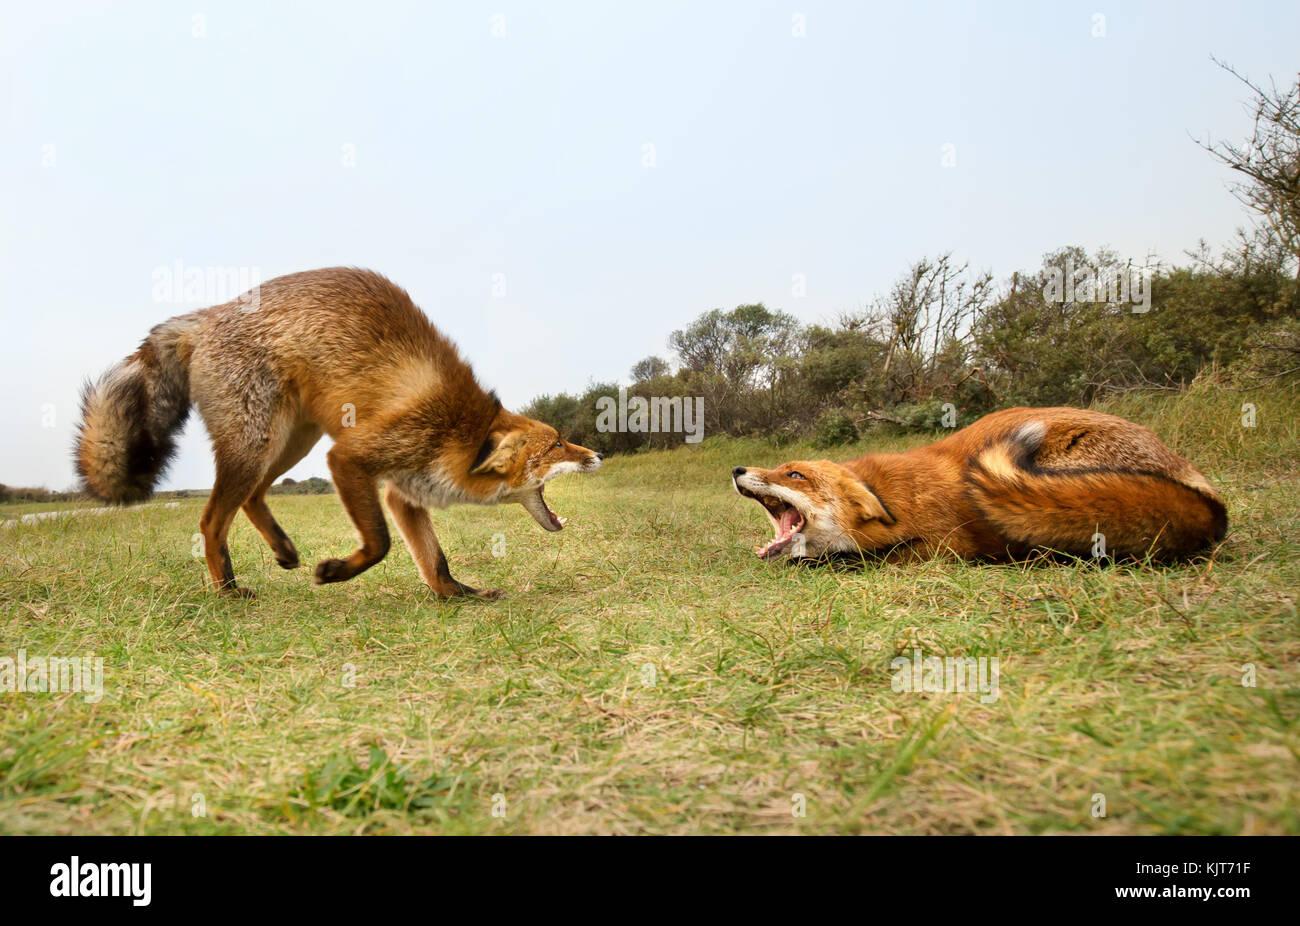 Zwei rote Füchse angreifenden miteinander und kämpfen um ein Gebiet versucht zu beißen. Stockbild